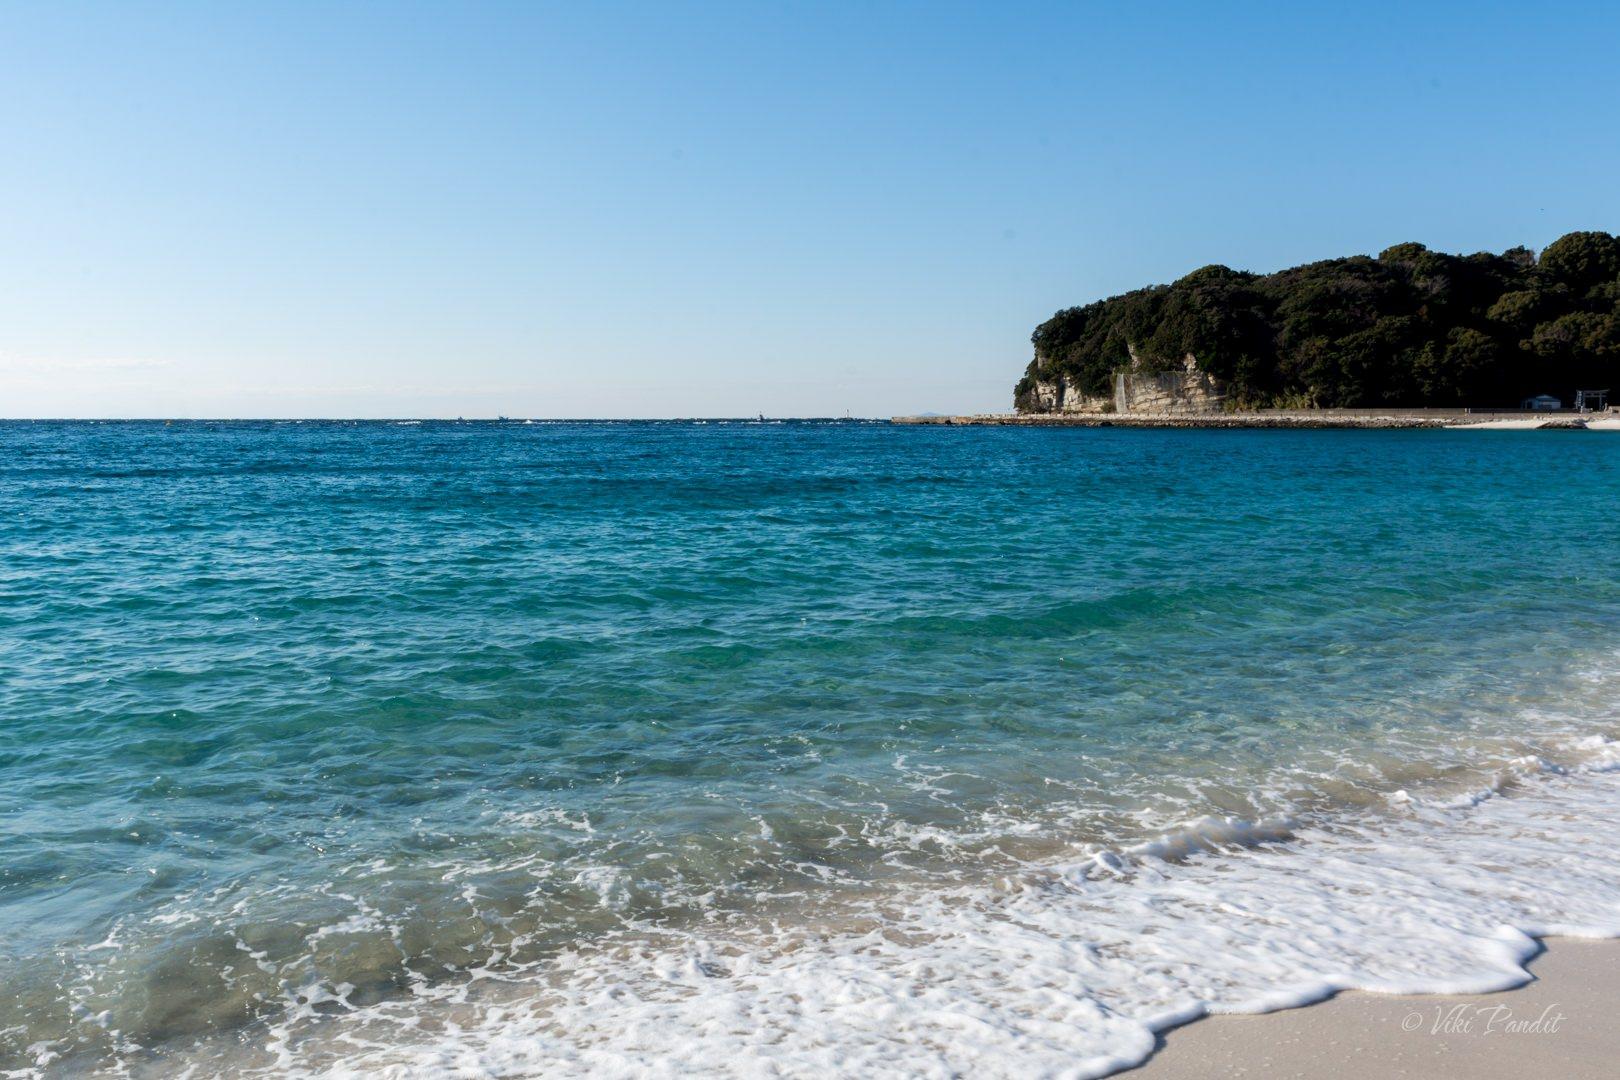 Shirama Beach